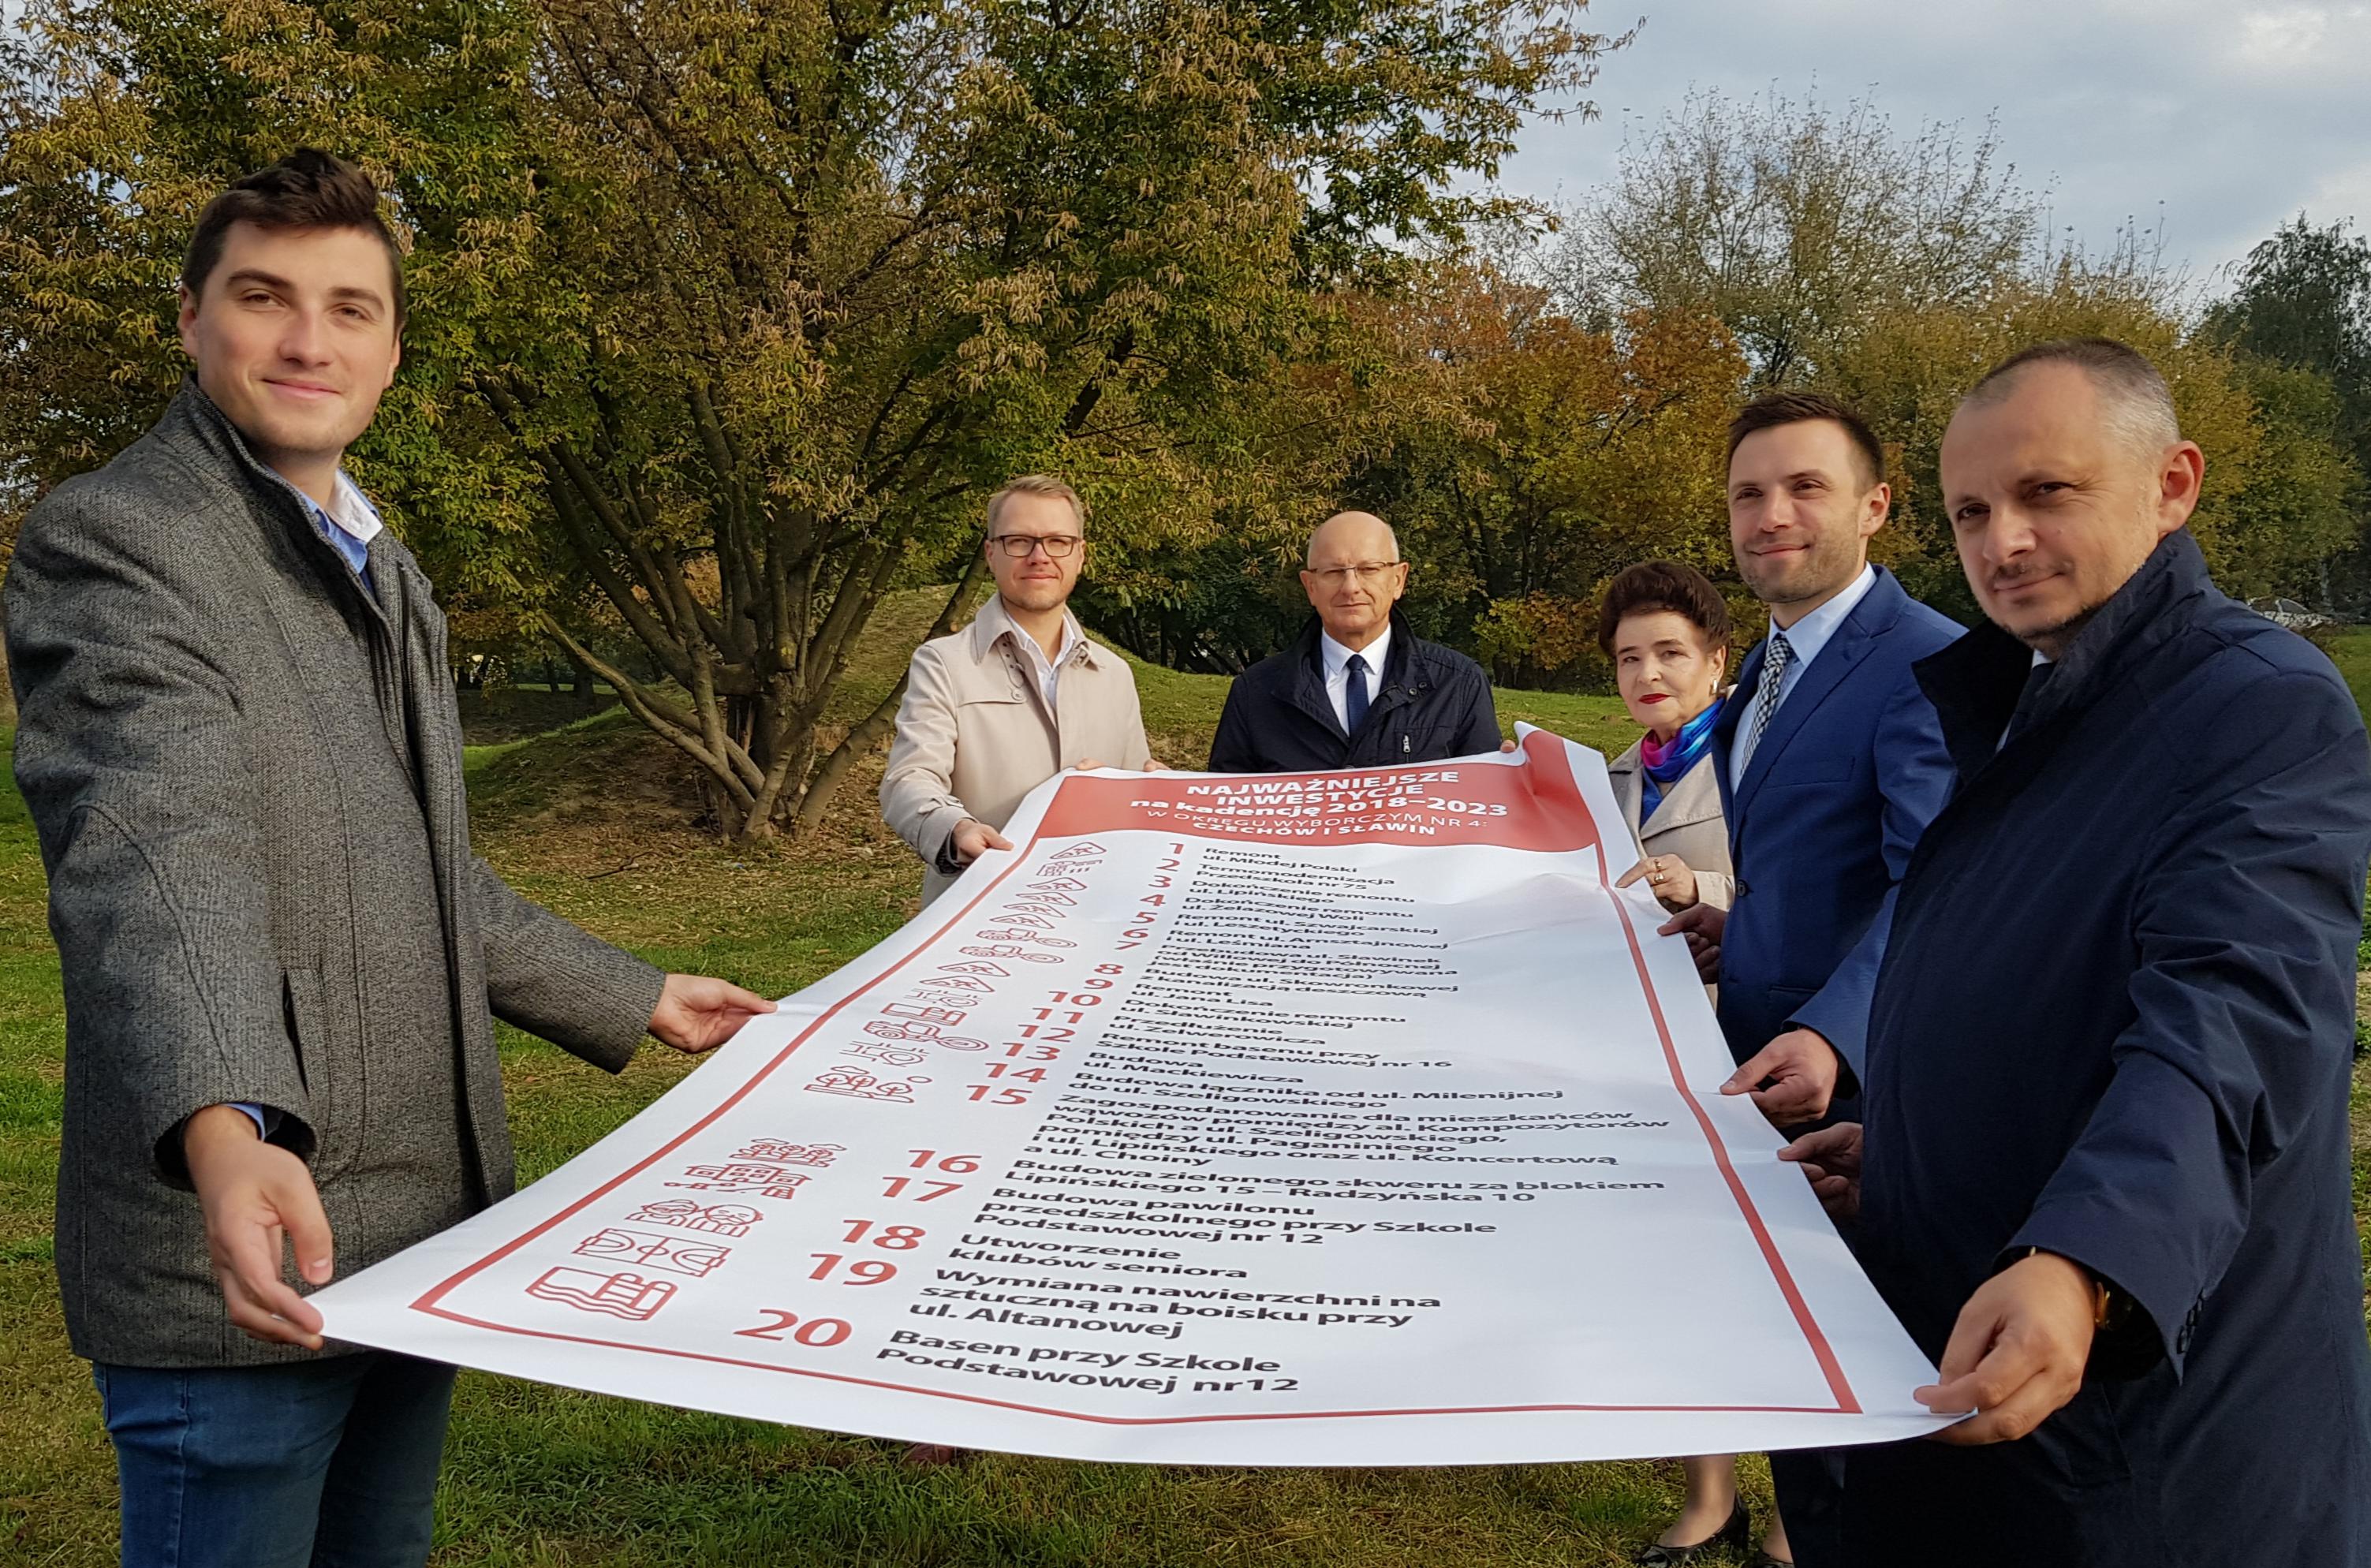 Prezydent Lublina Krzysztof Żuk zaprezentował swój program wyborczy dla dzielnic Czechów i Sławin